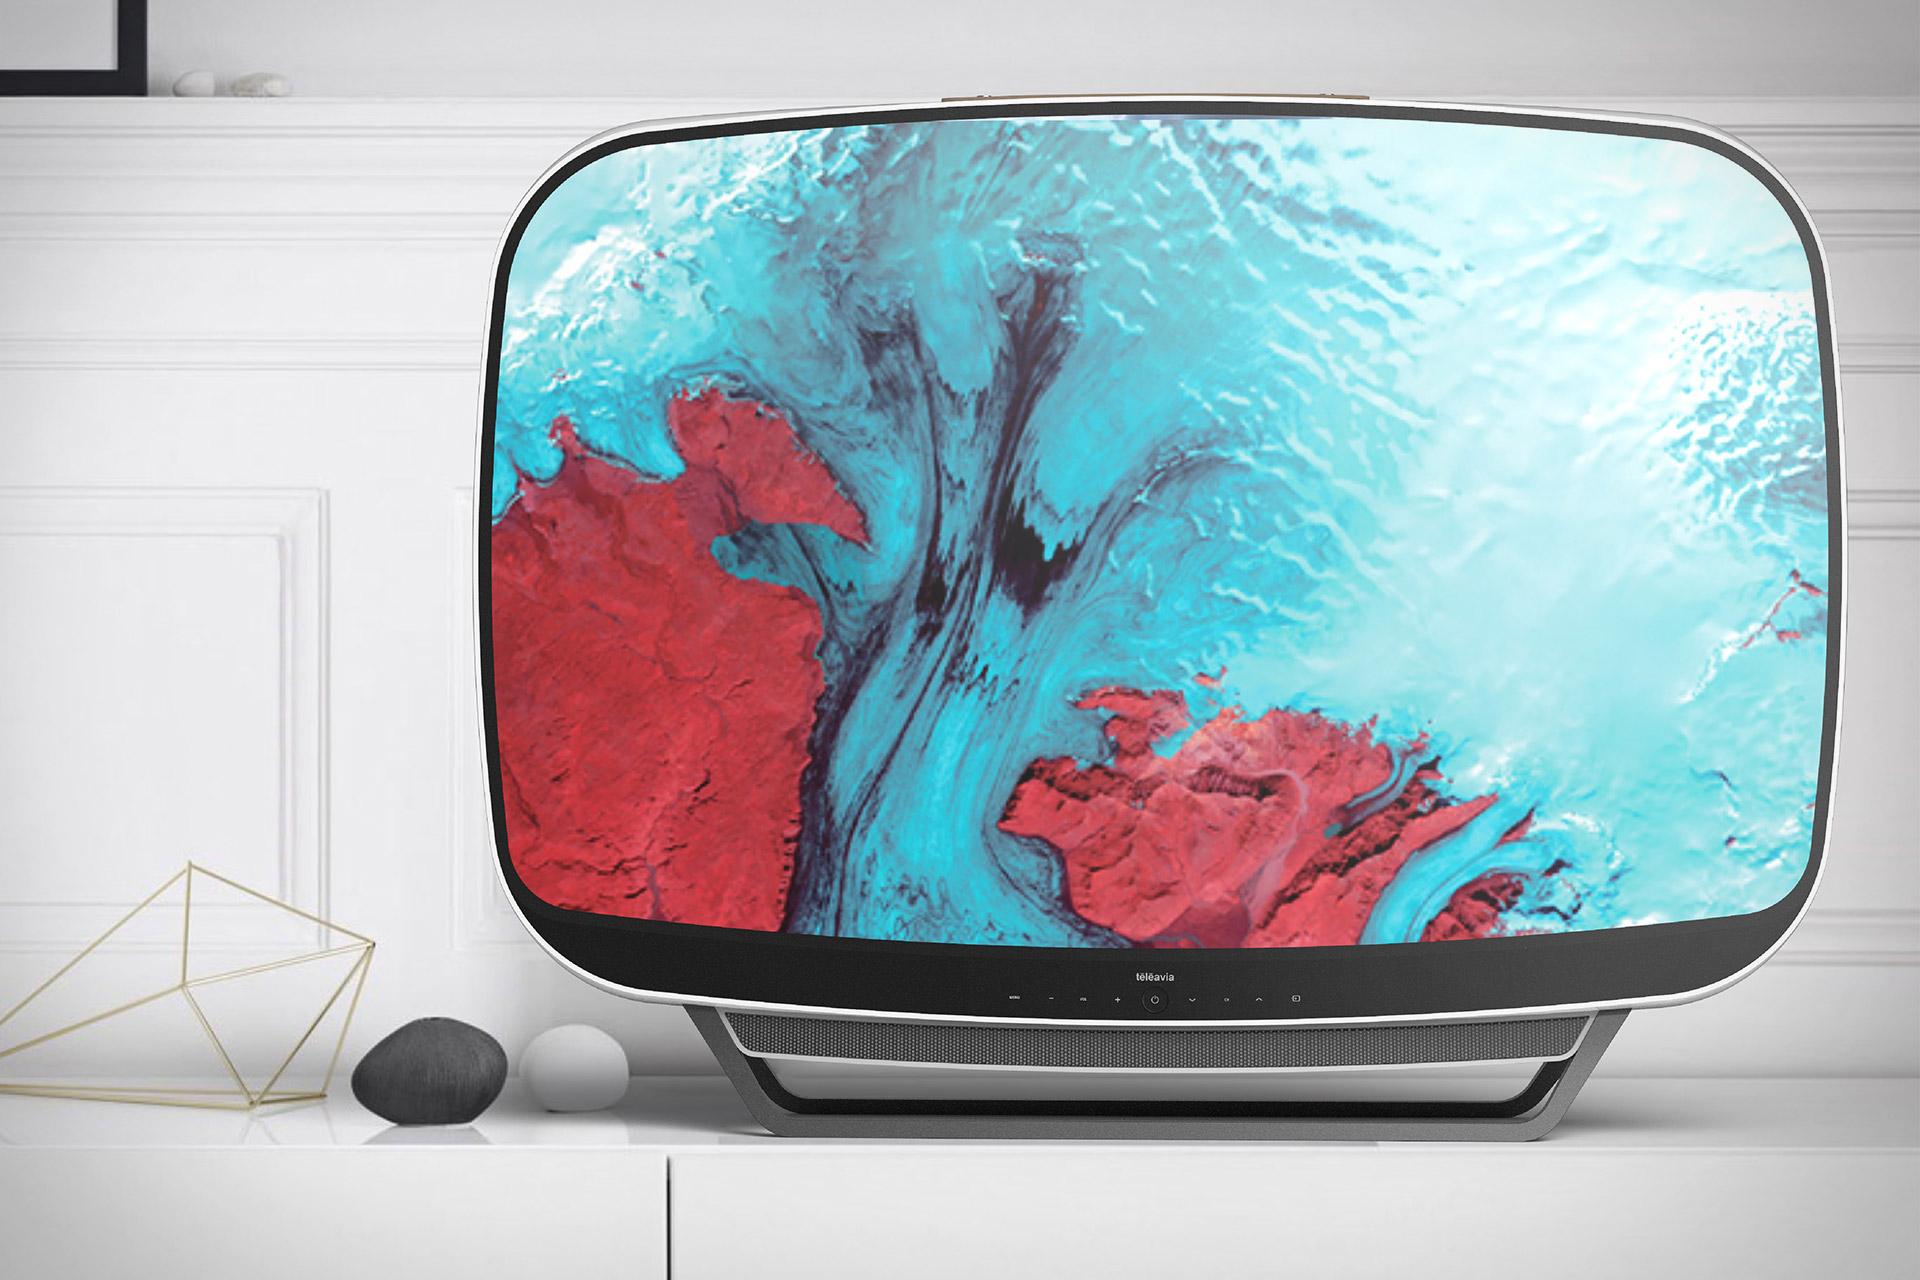 Teleavia Retro TV Concept